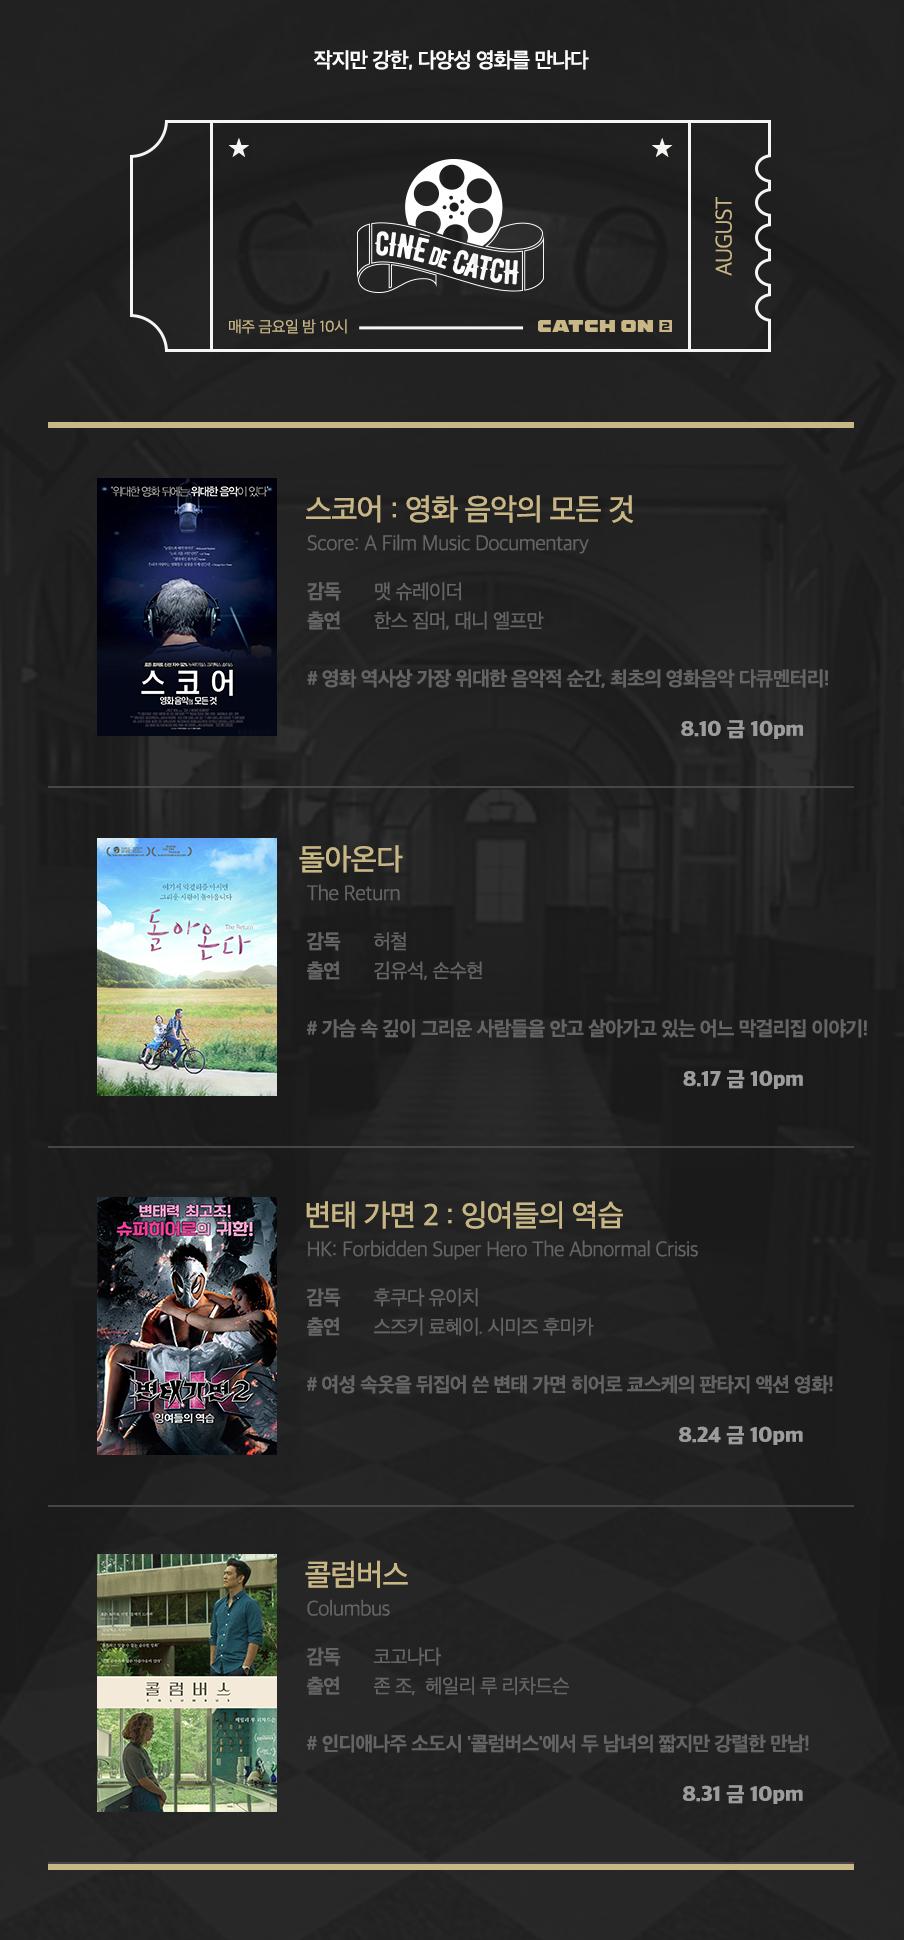 매주 금요일 밤 10시 CATCH ON2 2 JULY 작지만 강한, 다양성 영화를 만나다